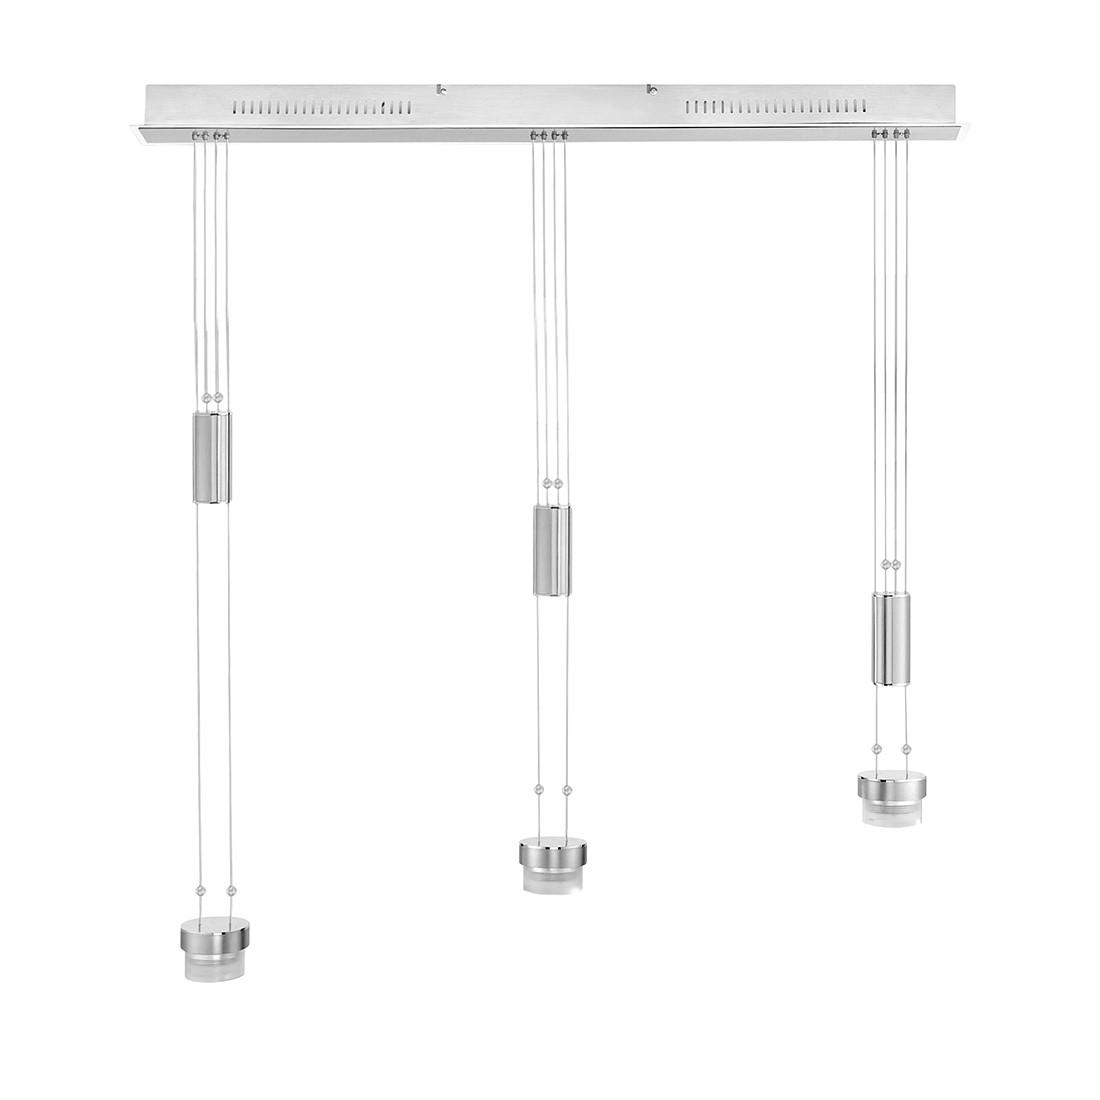 EEK A+, Pendelleuchten-Armatur 3-flg. Nickel matt-verchromt - M6 Licht / Medium1-LED, Fischer Leuchten